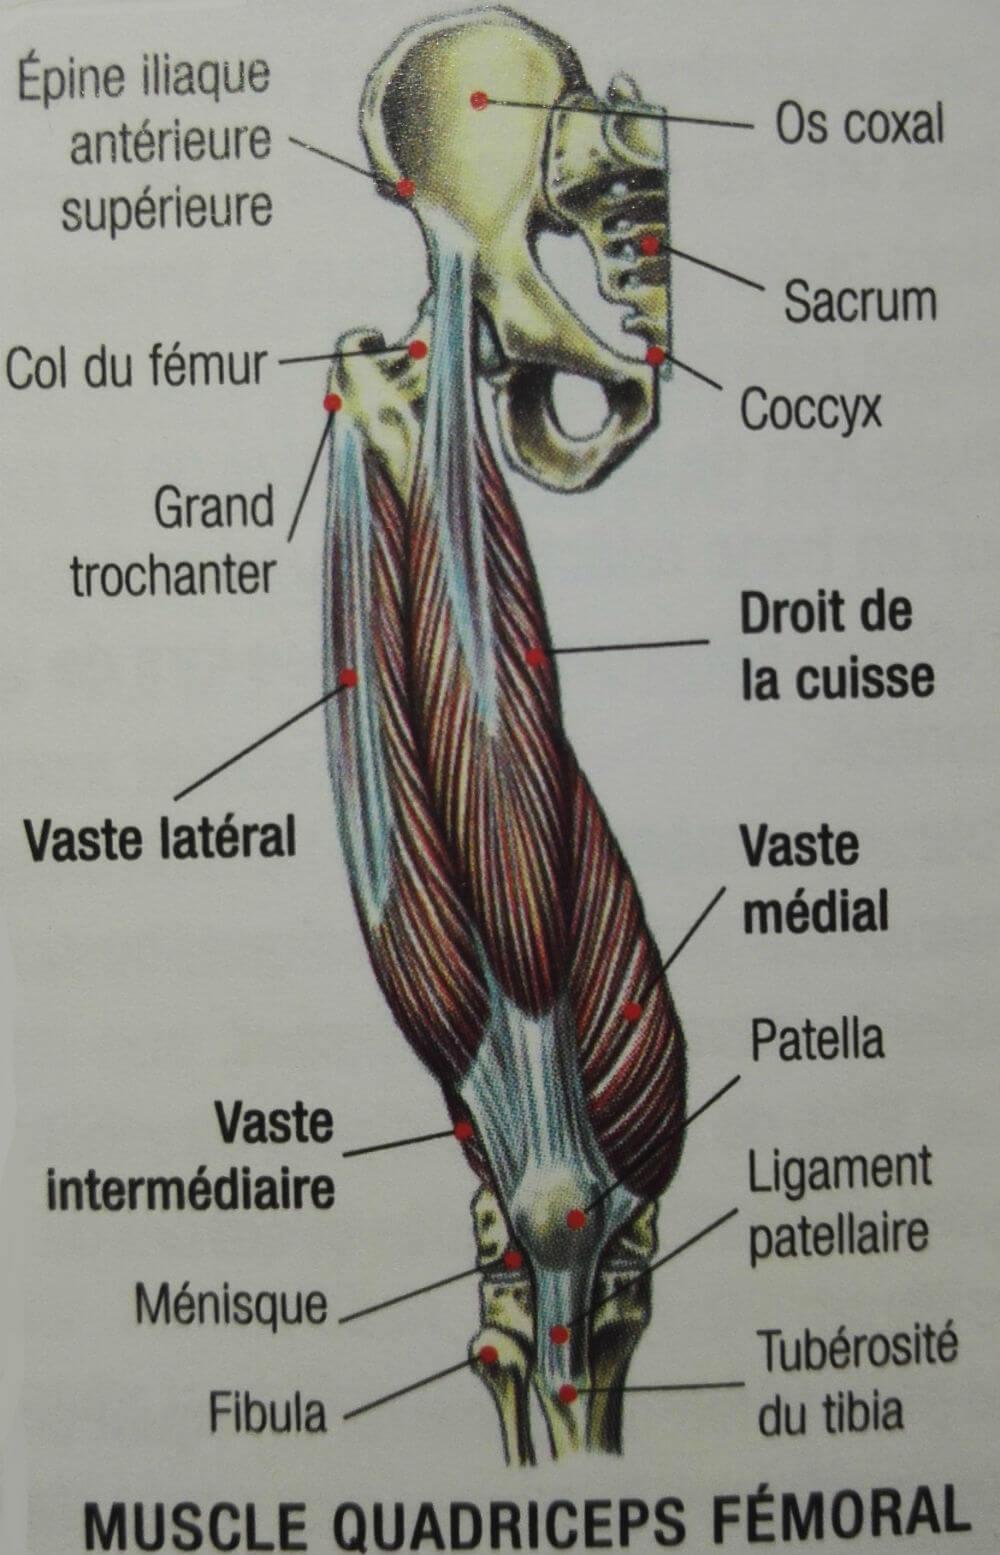 Le quadriceps fémoral : le muscle du galbe de la cuisse • Mickaël ...